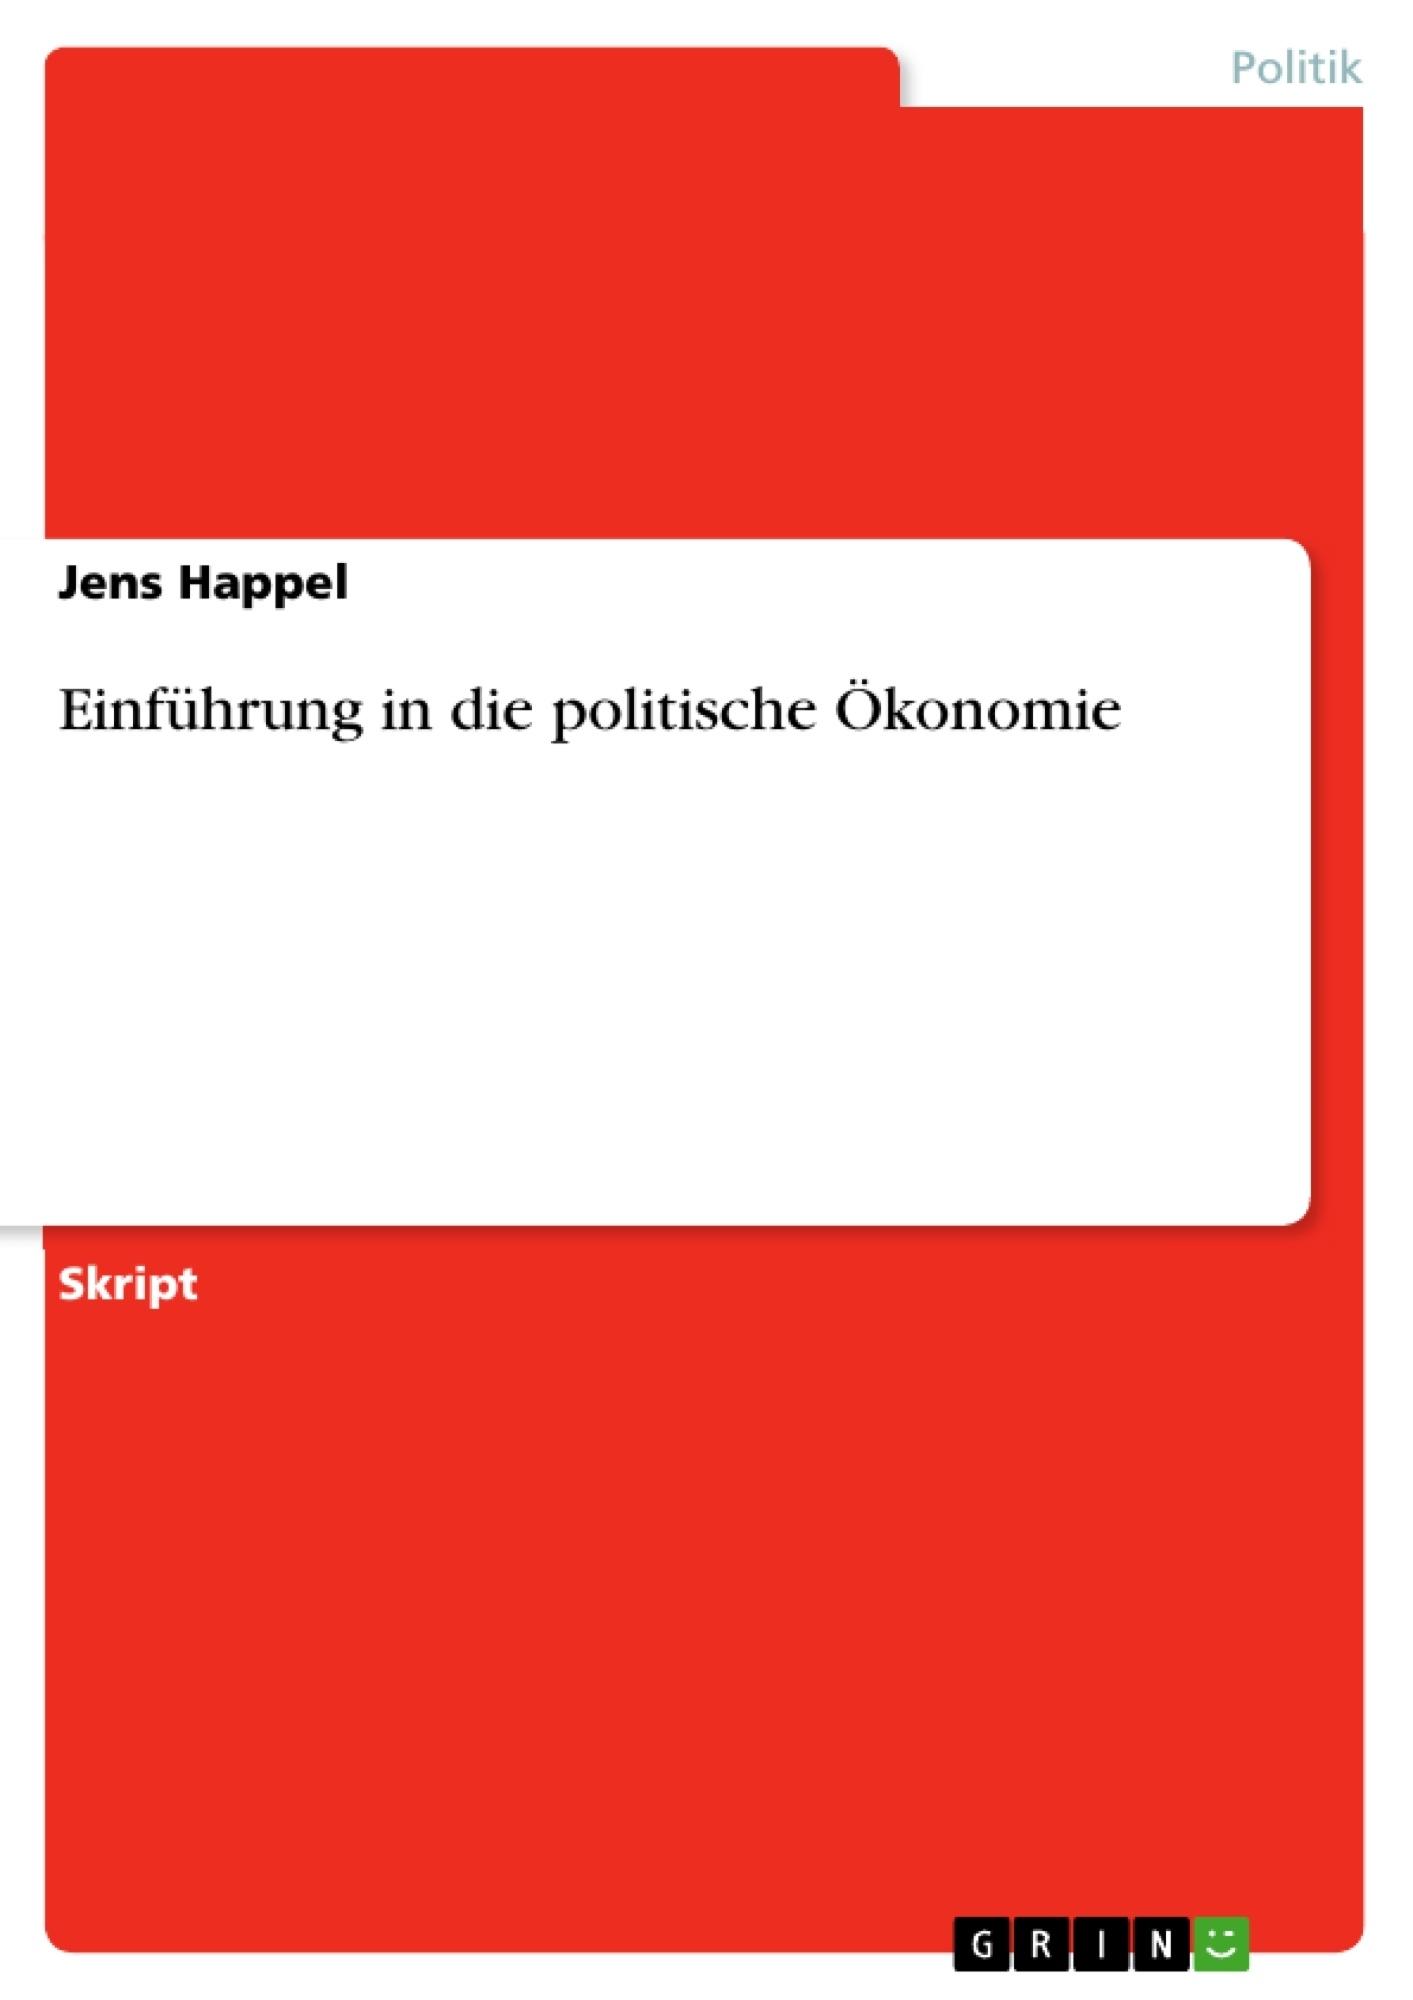 Titel: Einführung in die politische Ökonomie